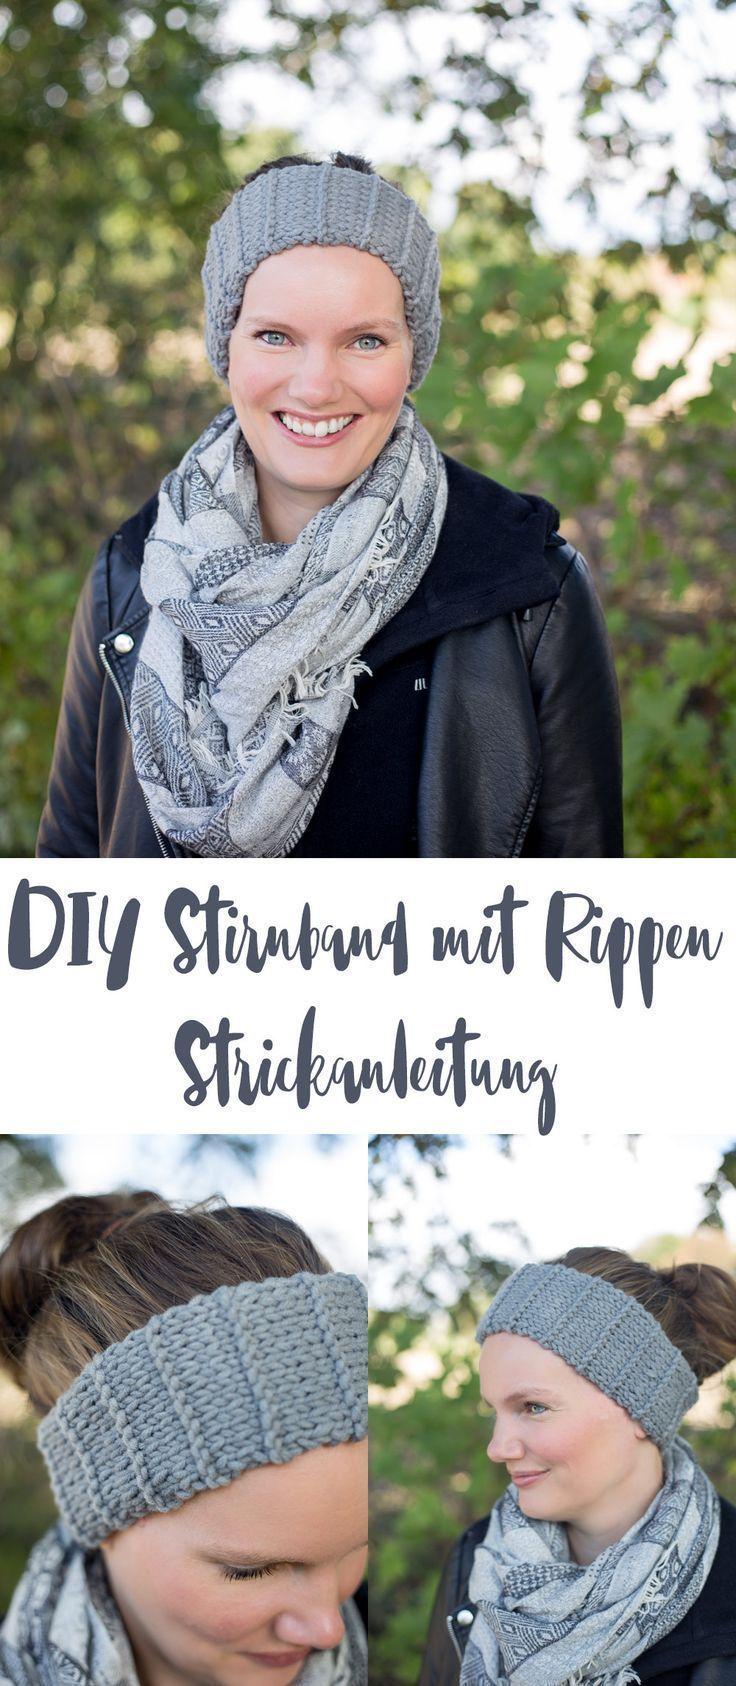 Photo of Knit DIY headband with ribs – small gift idea